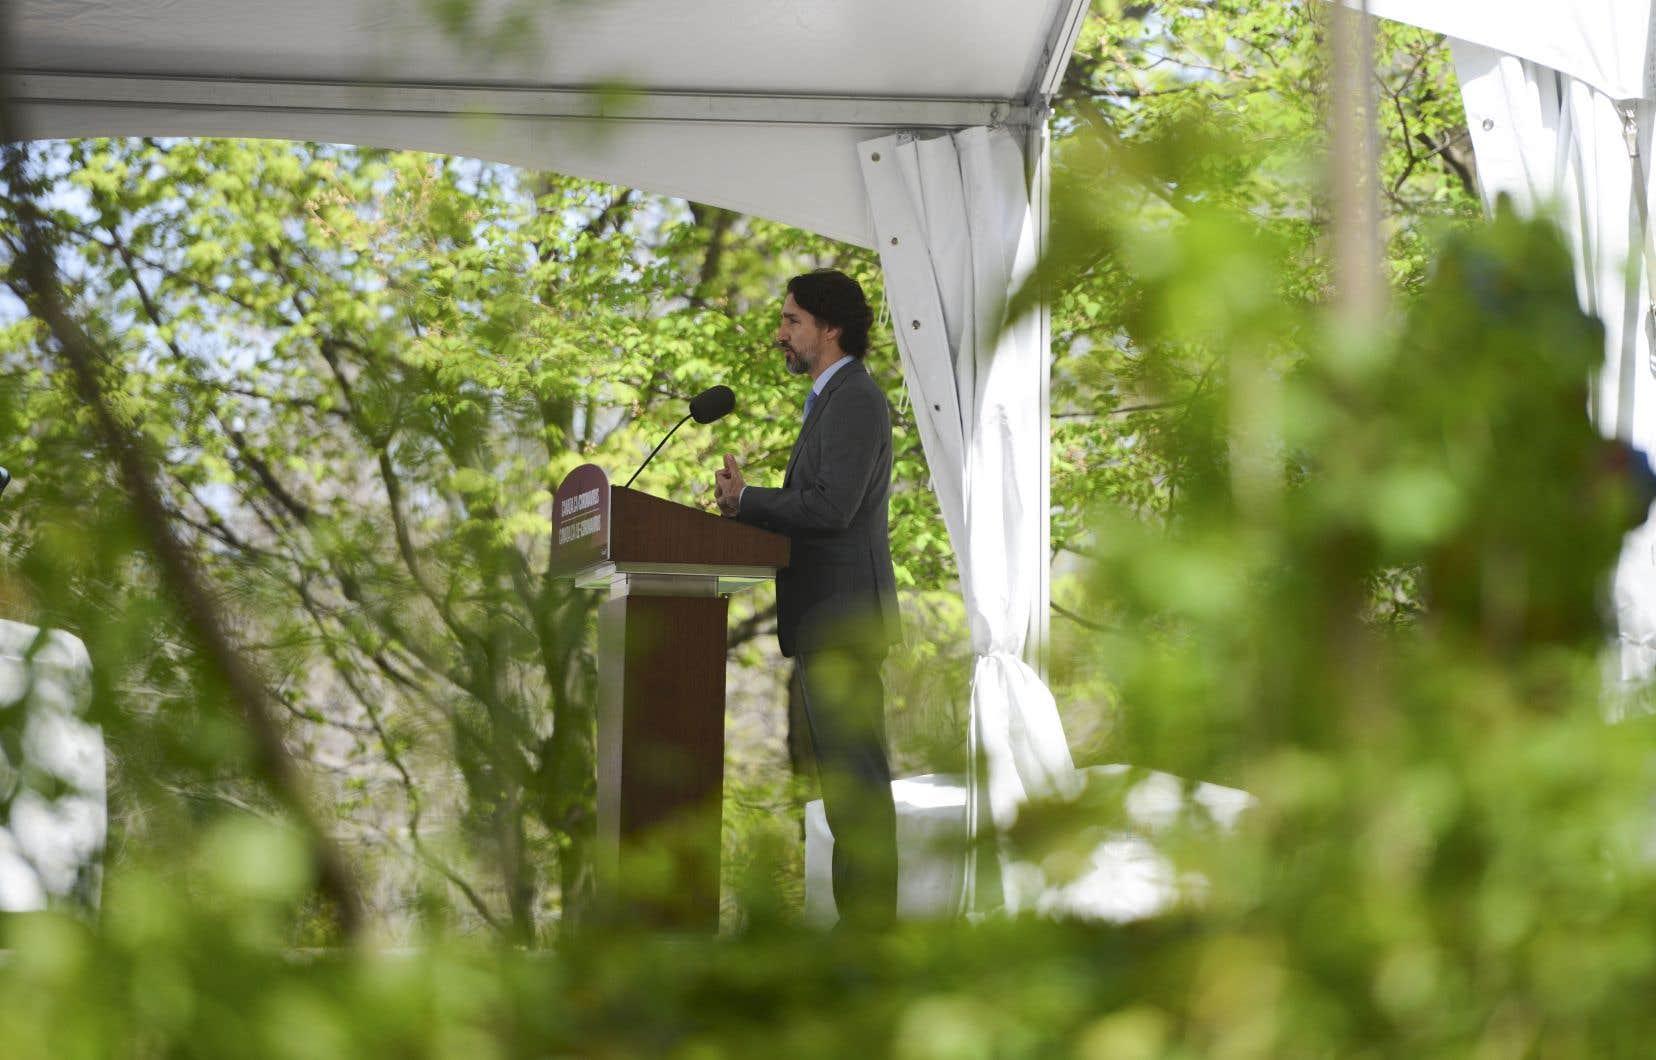 Le premier ministre Trudeau indiqué qu'en matière de traçage, il faudra «faire en sorte que les données recueillies par les provinces et les territoires soient partagées à l'échelle du pays».